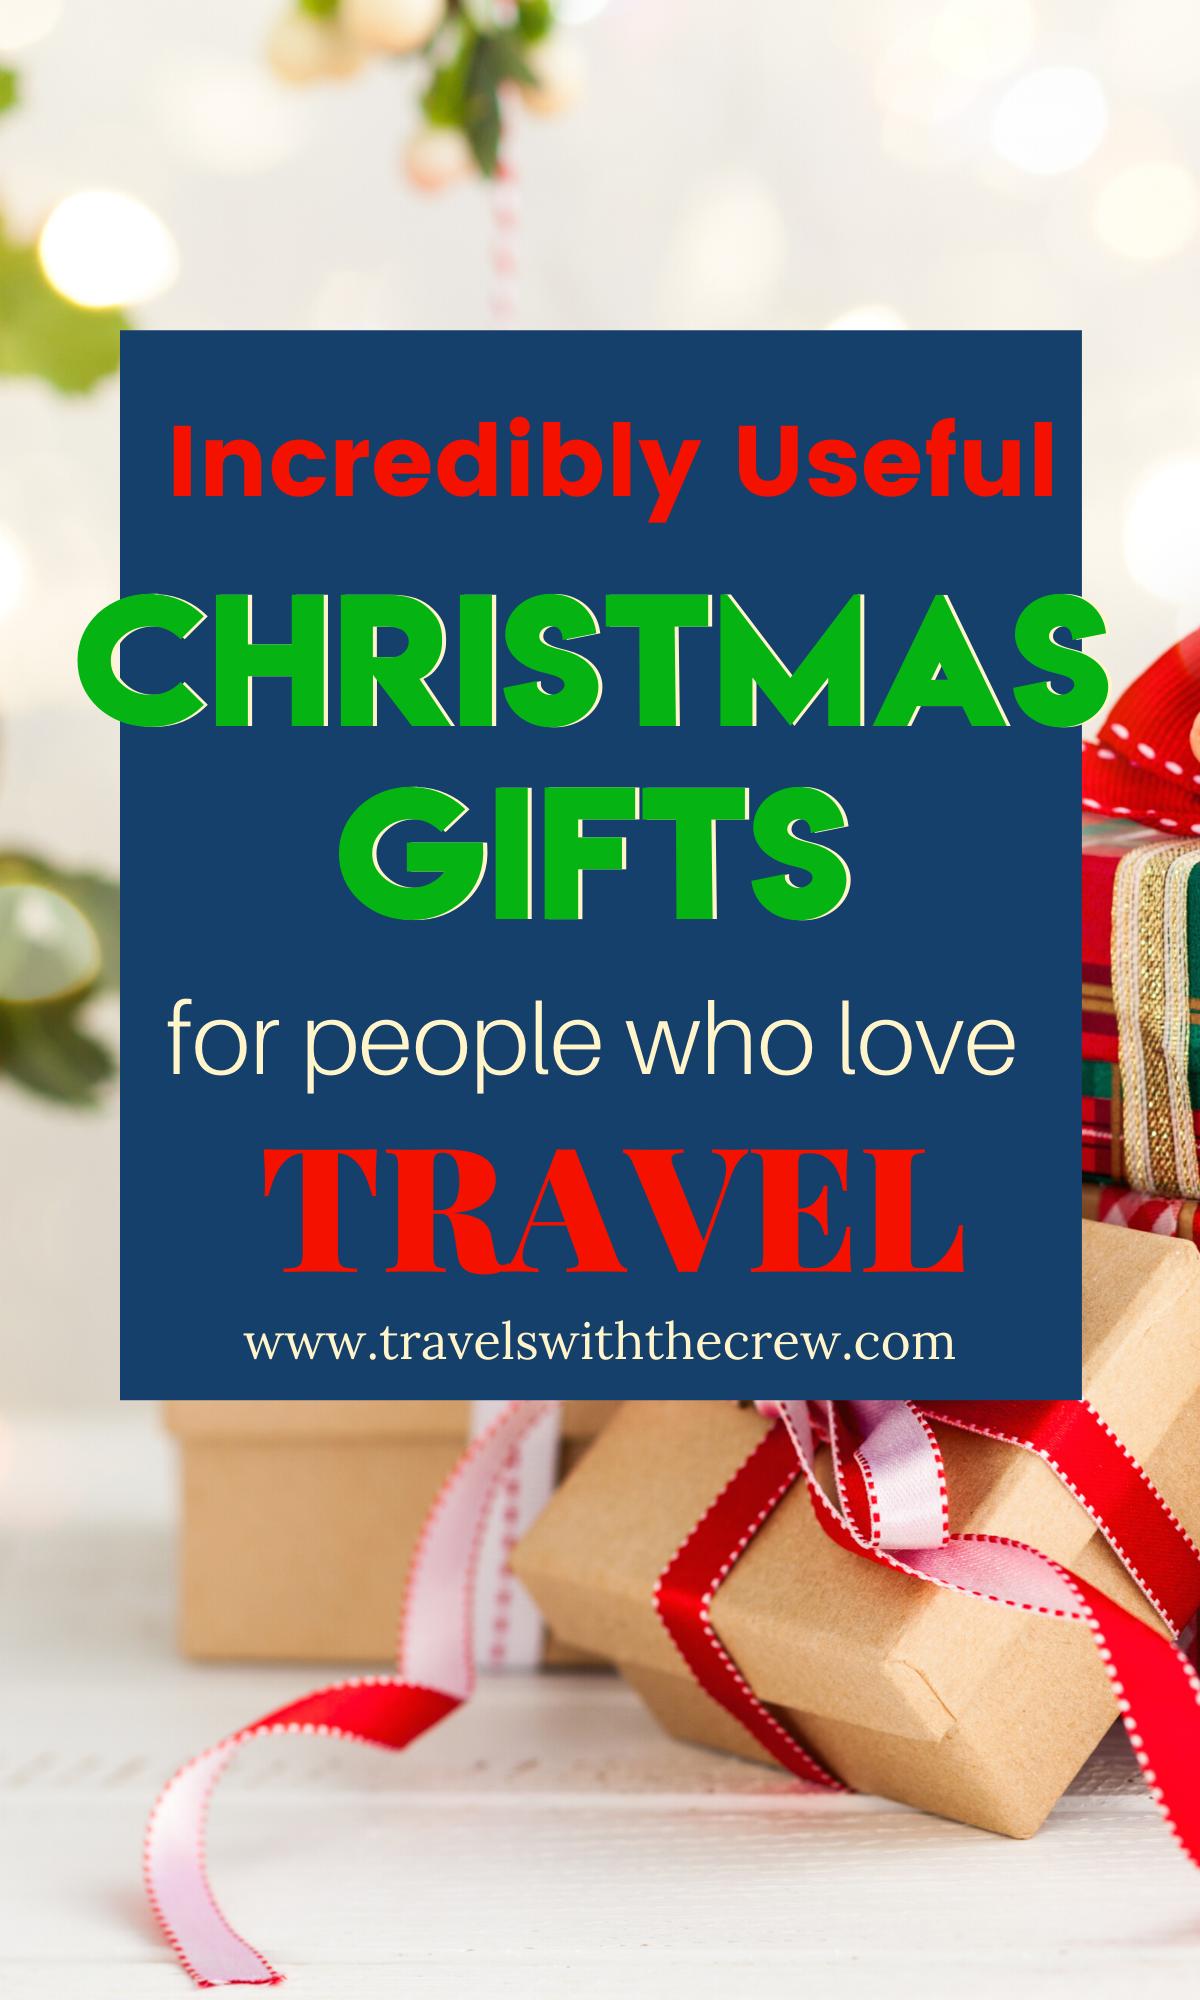 Christmas gifts for travelers, #travelgifts #Christmastravel #giftoftravel #travelgear